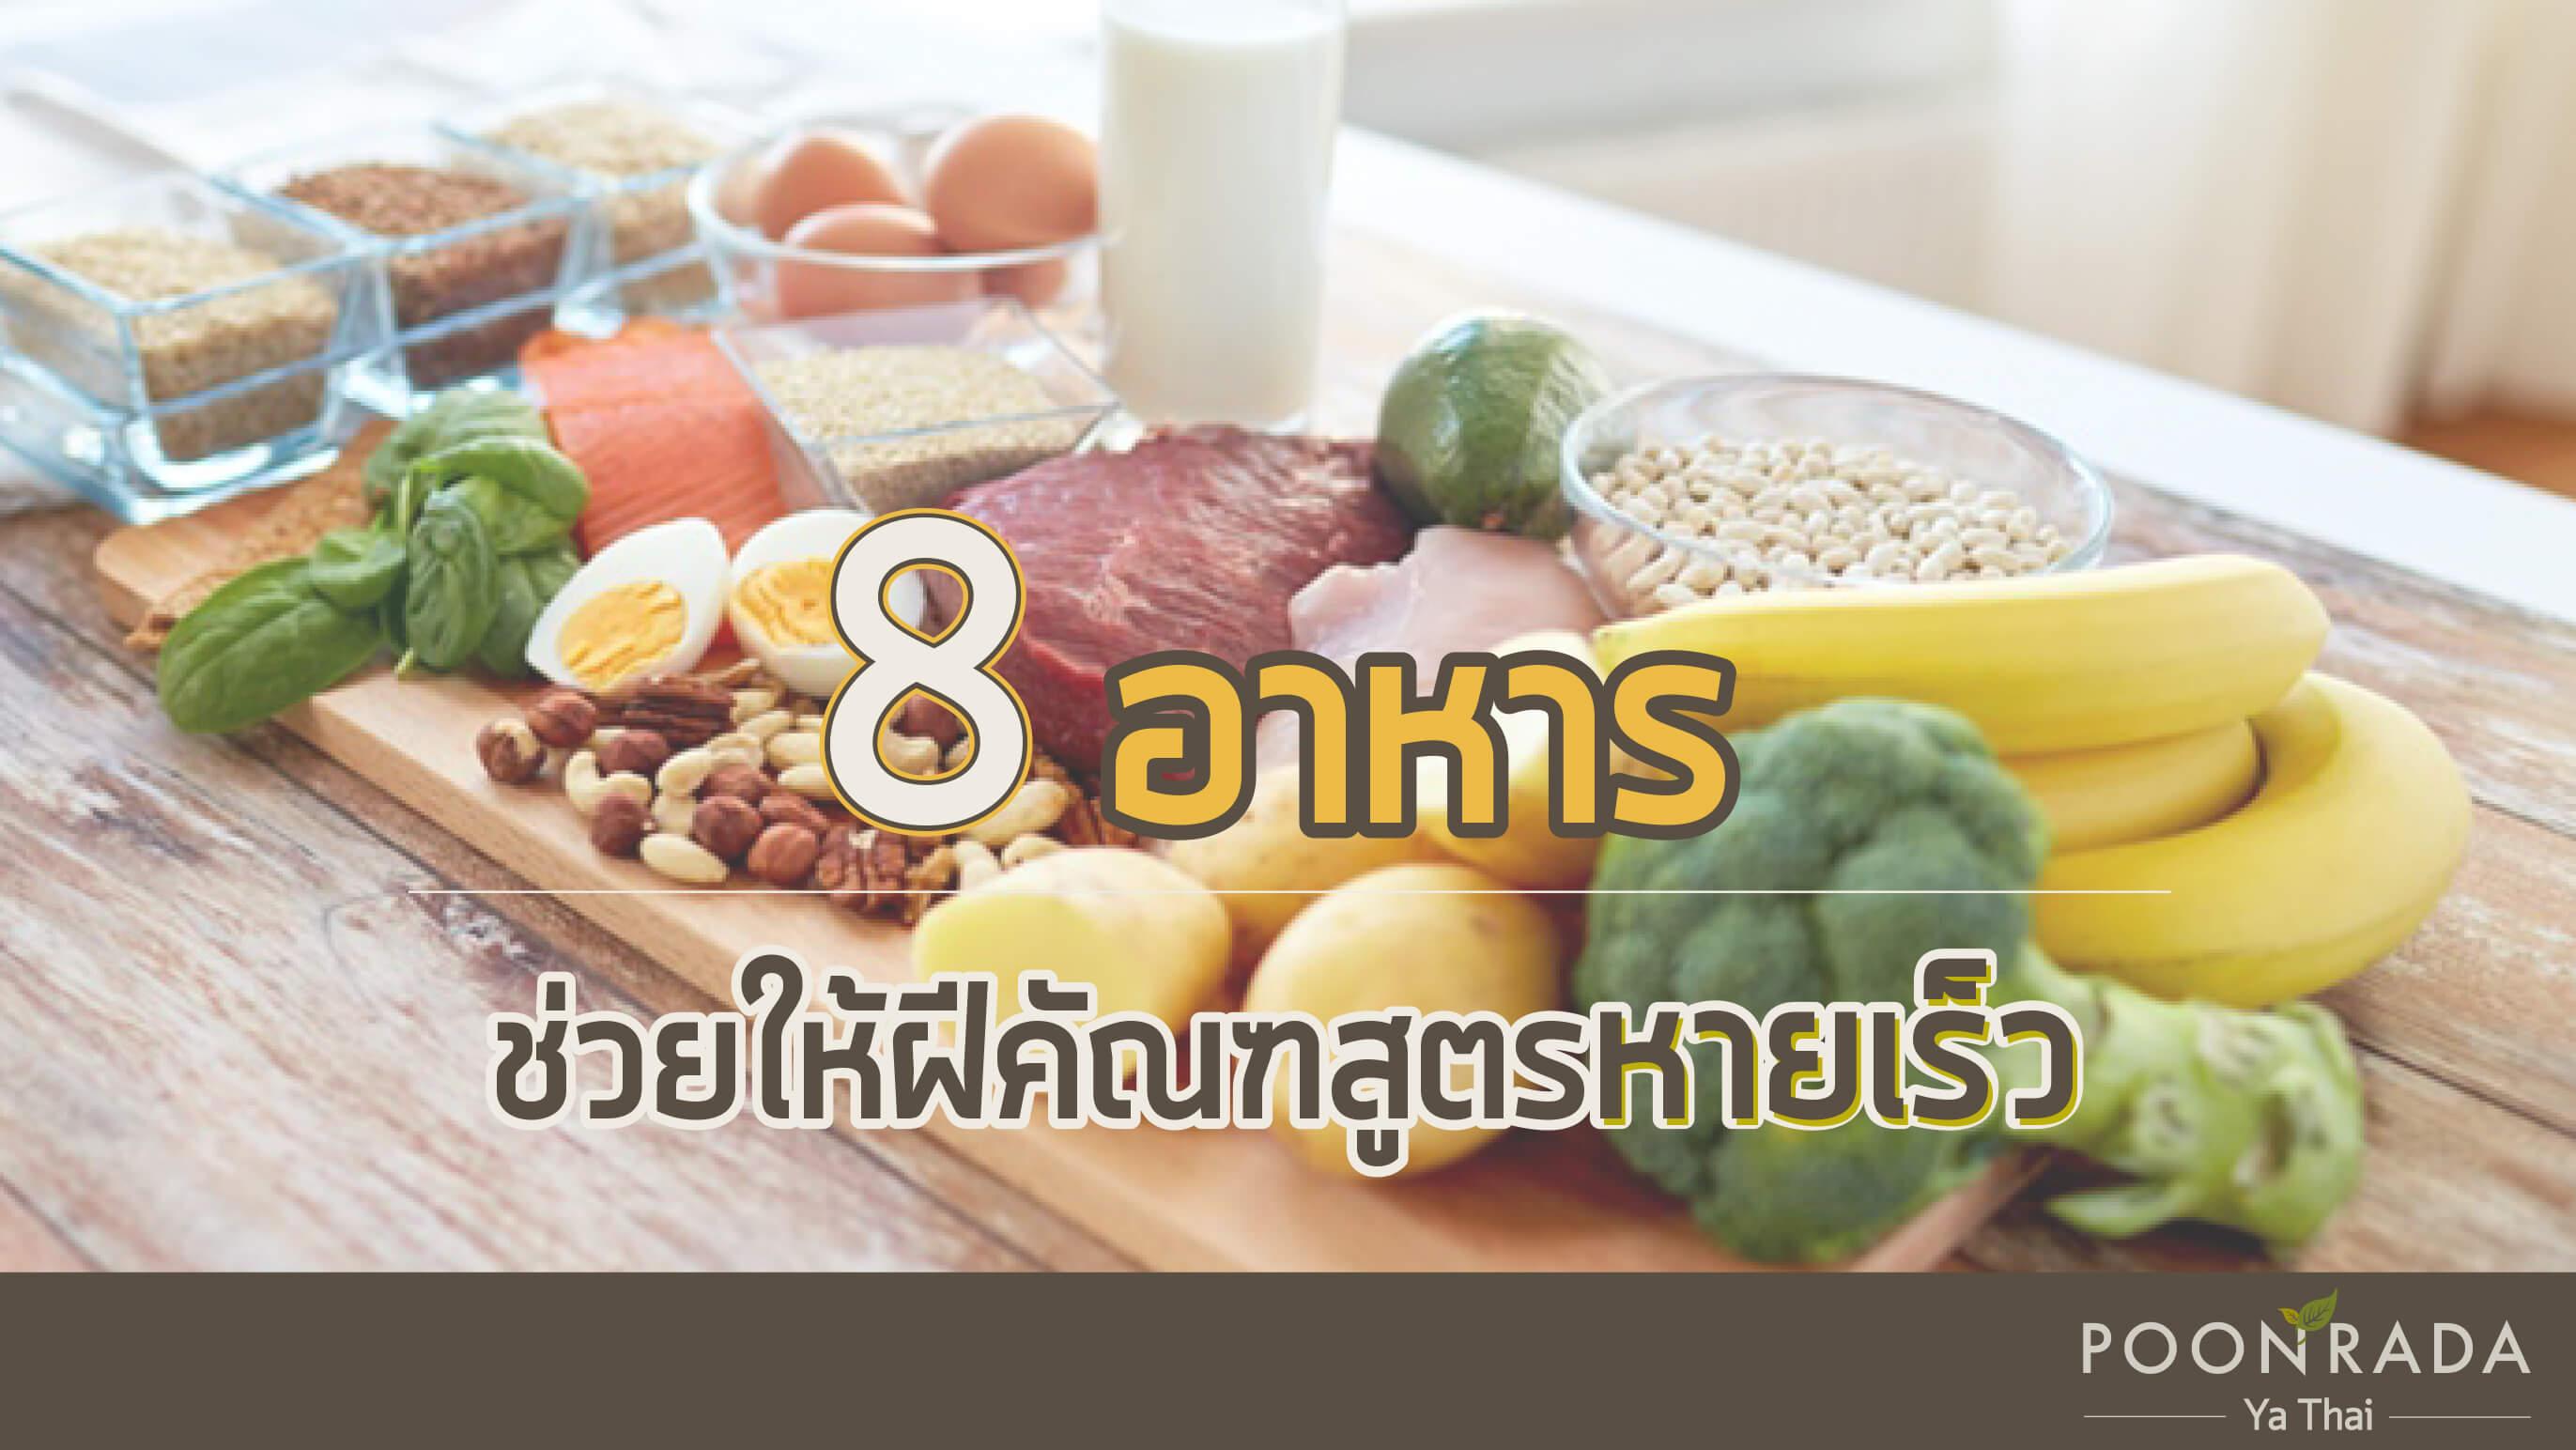 8 อาหารช่วยให้ฝีคัณฑสูตรหายเร็ว